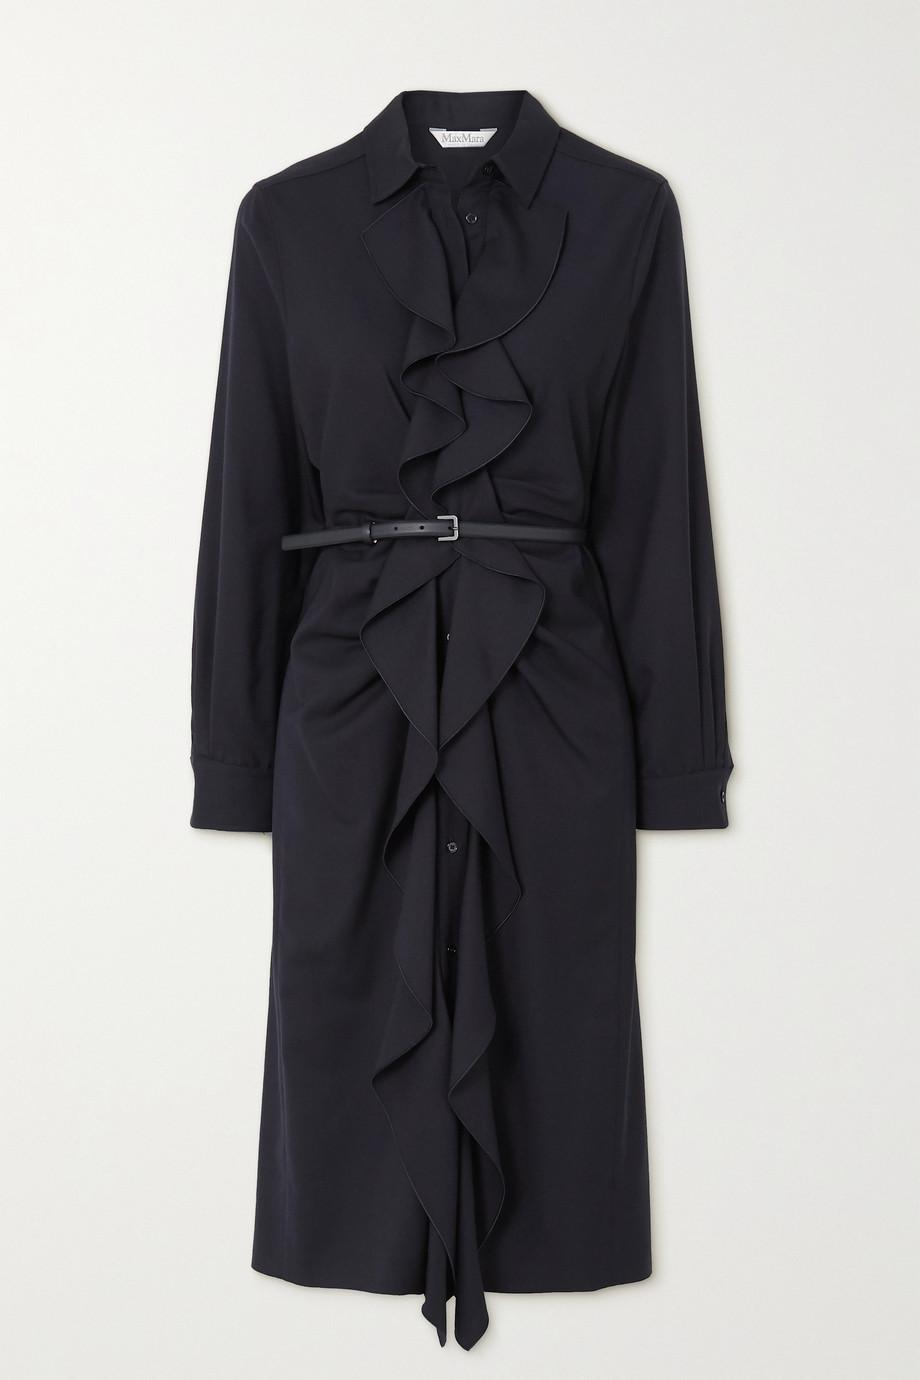 Max Mara Riom belted ruffled wool-twill dress